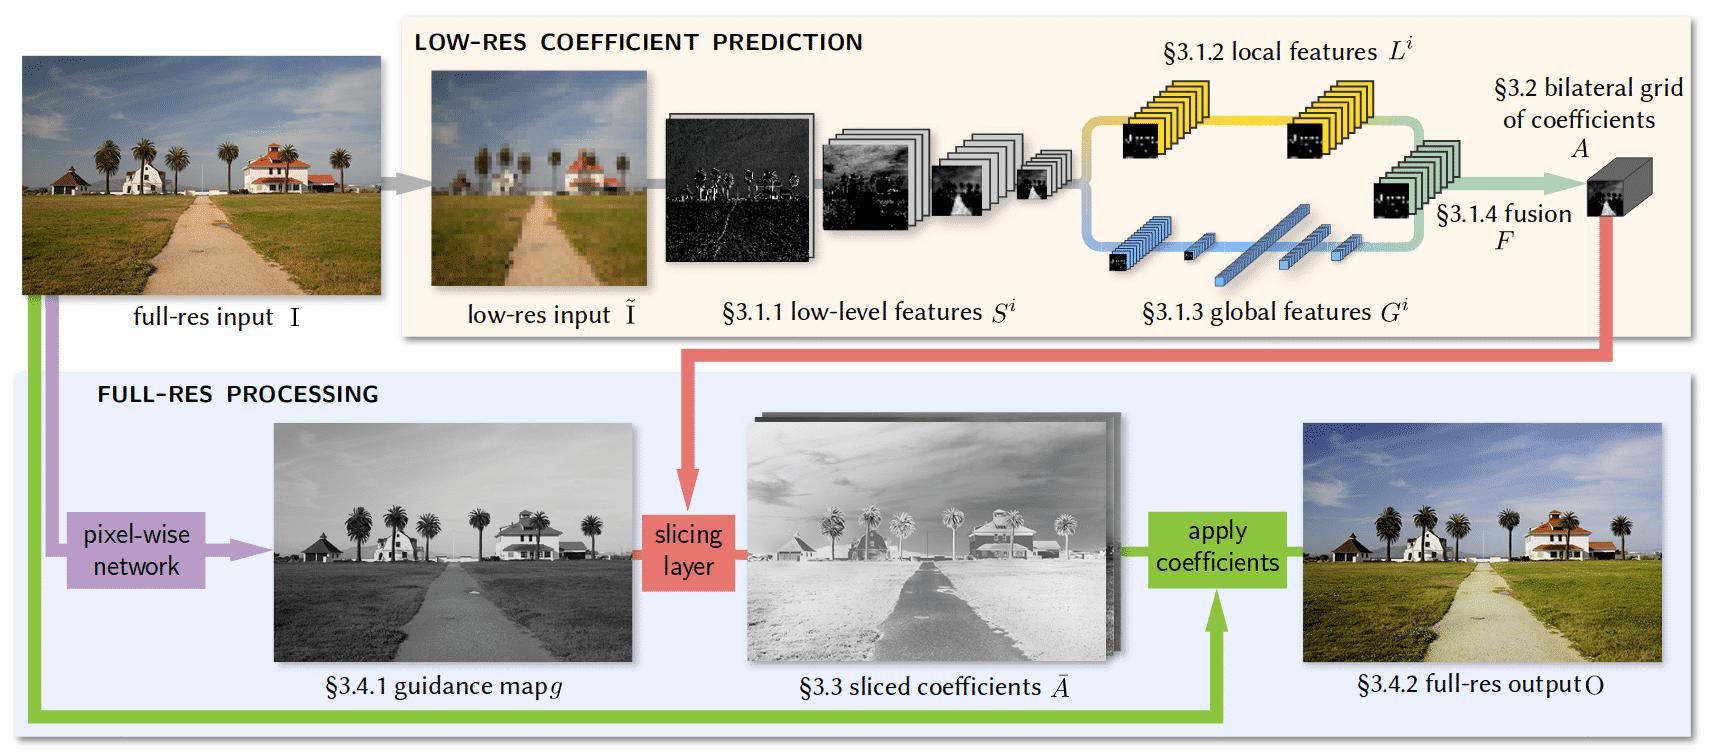 Die obere Zeile stellt die Struktur des neuronalen Netzes dar, das sowohl lokale als auch globale Parameter für den Algorithmus errechnet, der in der unteren Zeile mit den Daten in voller Auflösung rechnet. Trainiert wird das Gesamtsystem mit den hoch aufgelösten Bildern.